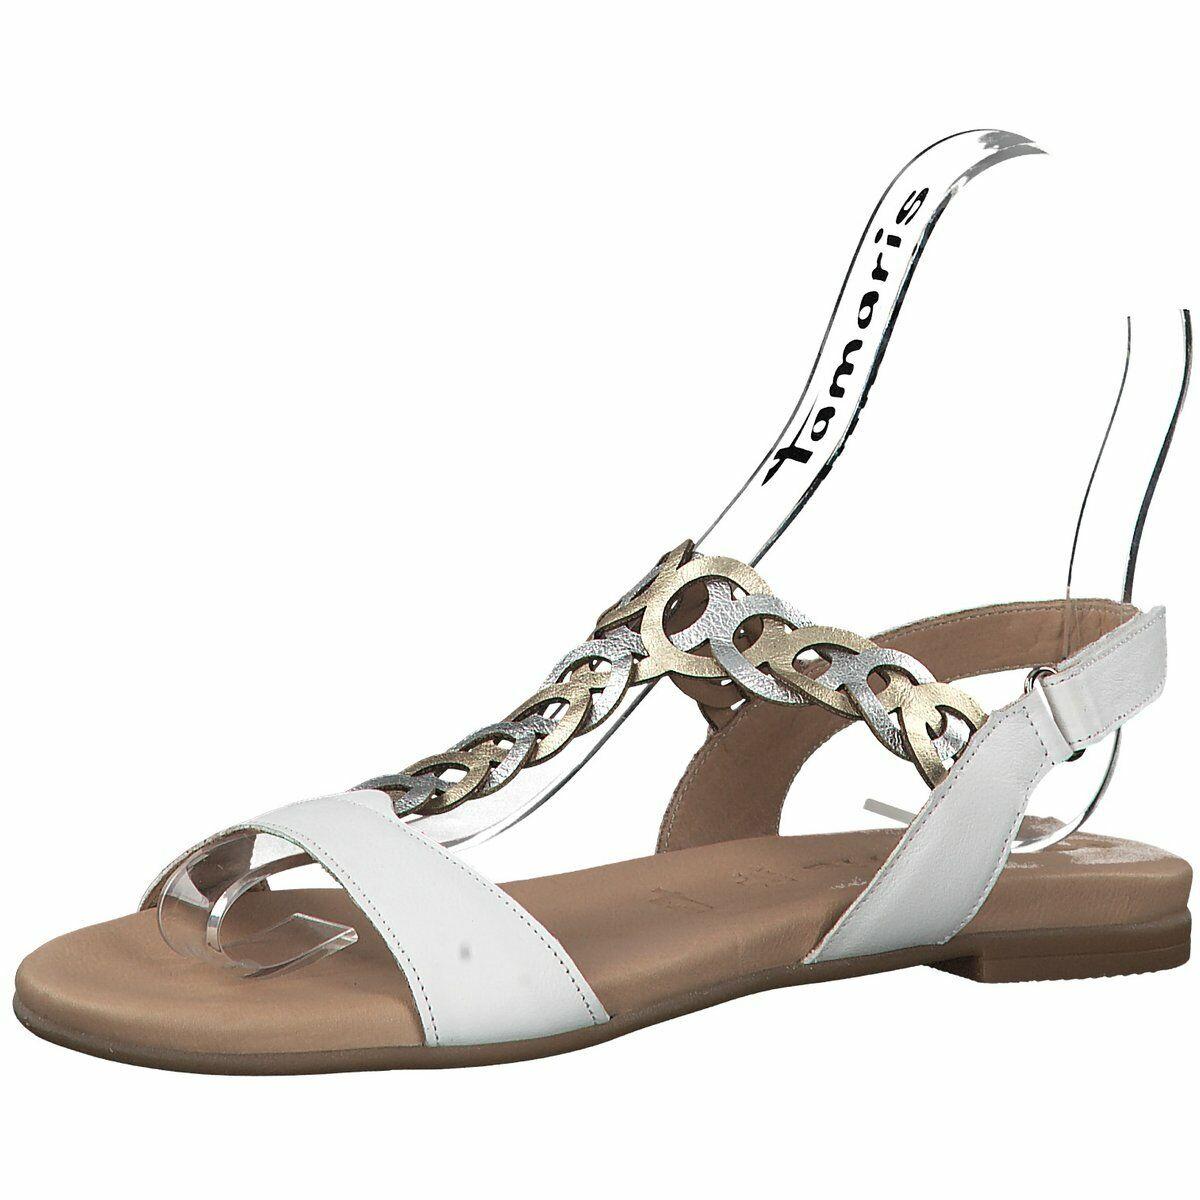 Tamaris Damen Sandaletten Flache Sandalette in Weiß 28127-197 weiß 604411